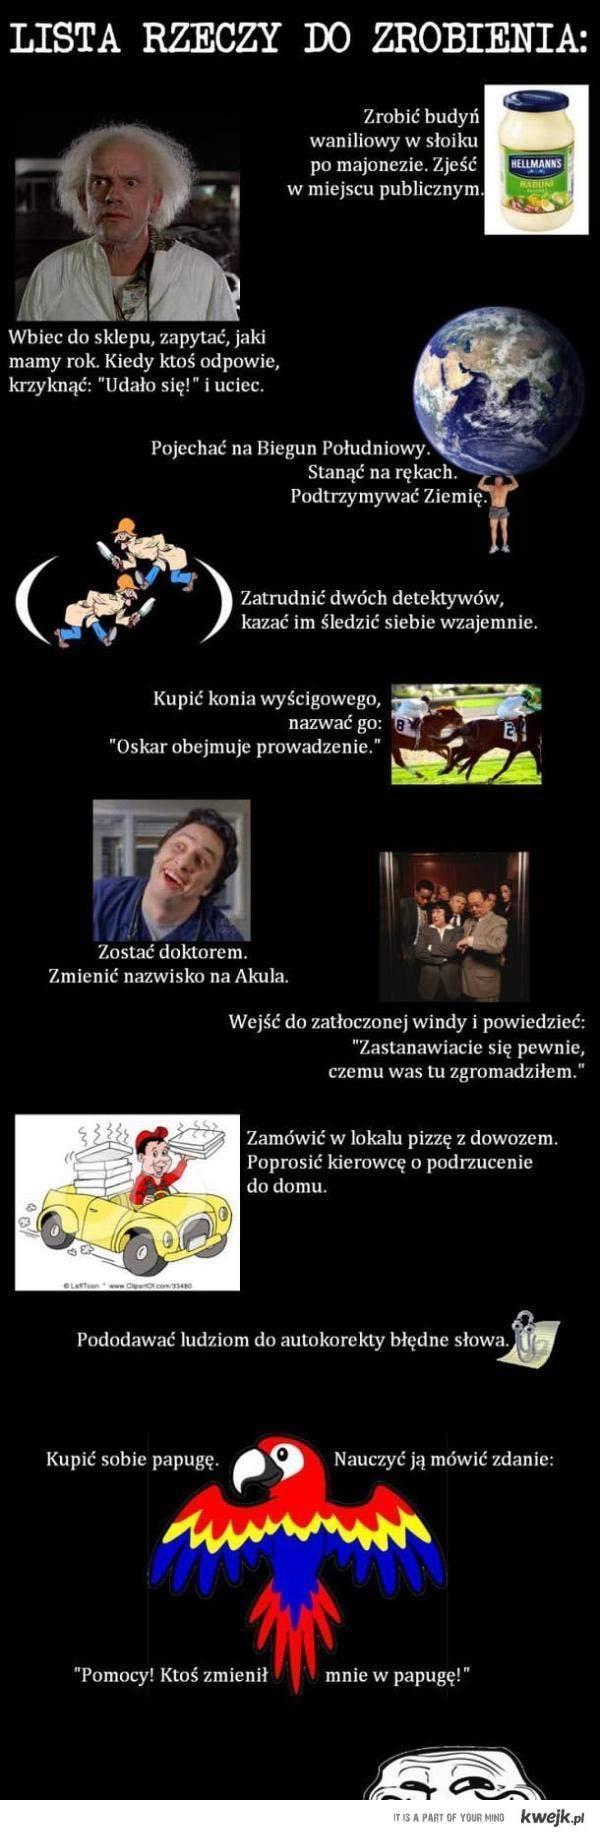 Lista rzeczy do zrobienia - KWEJK.pl